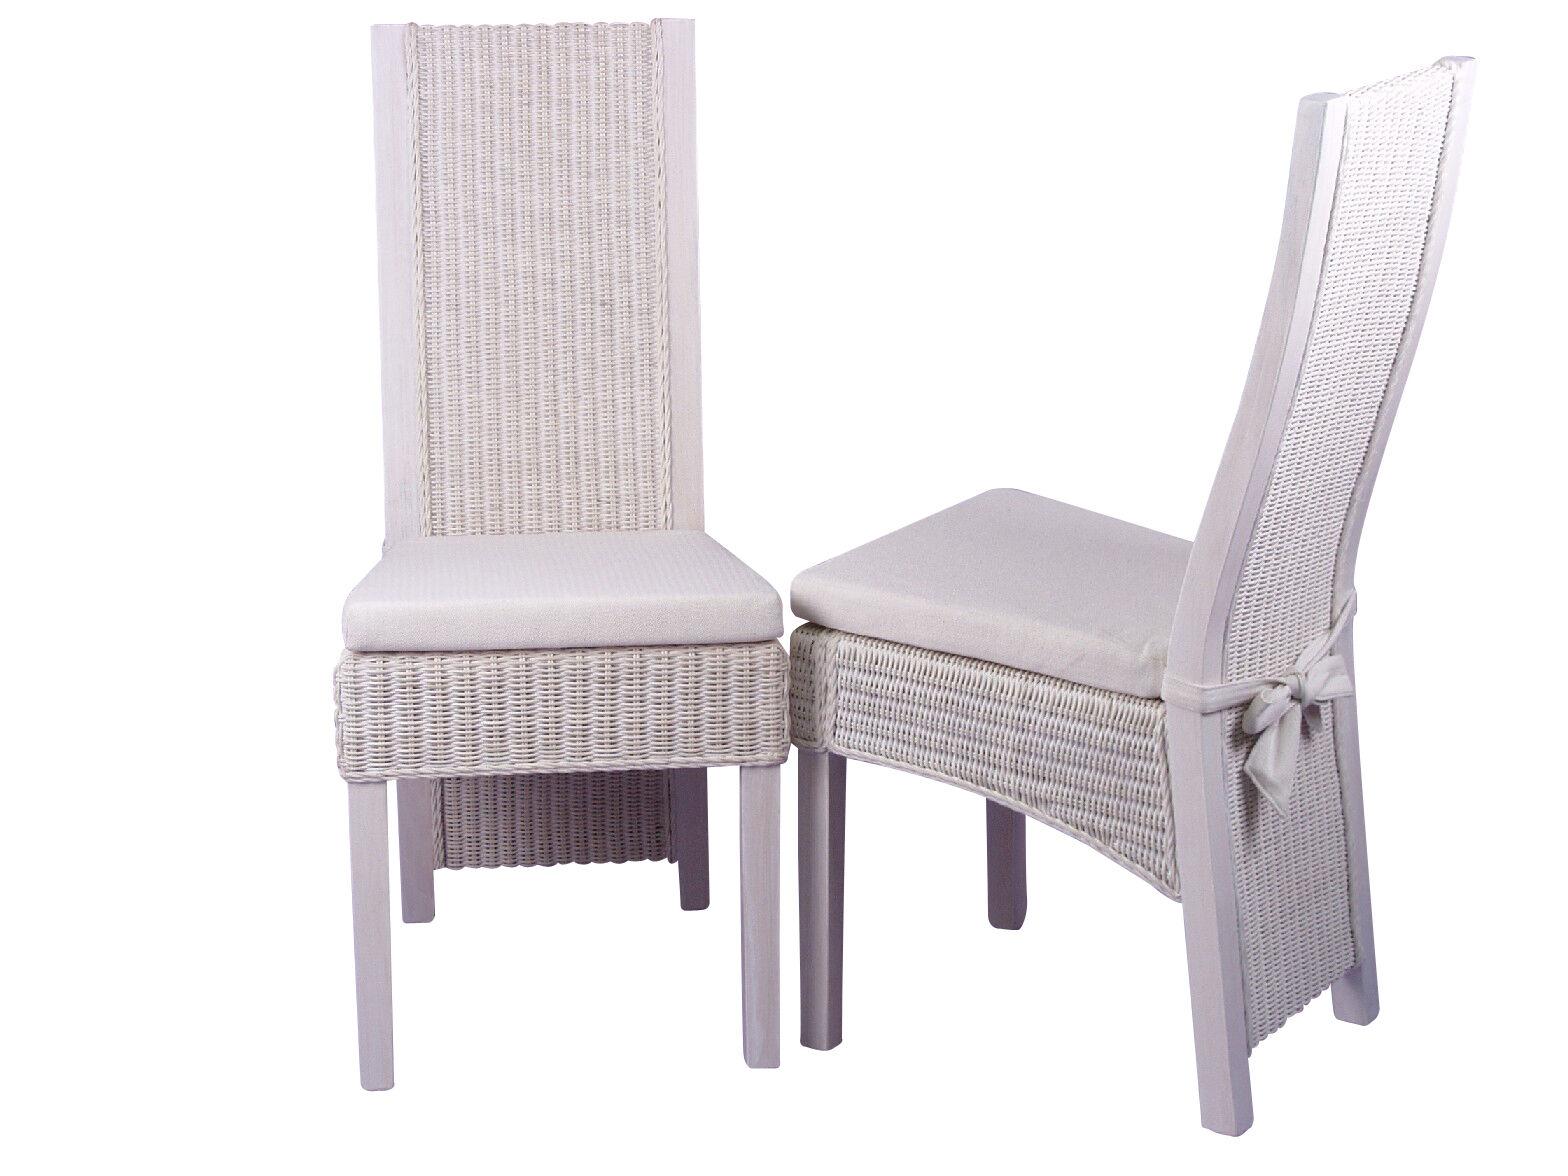 Stuhl modern fabulous large size of schickes wohndesign for Stuhl modern design